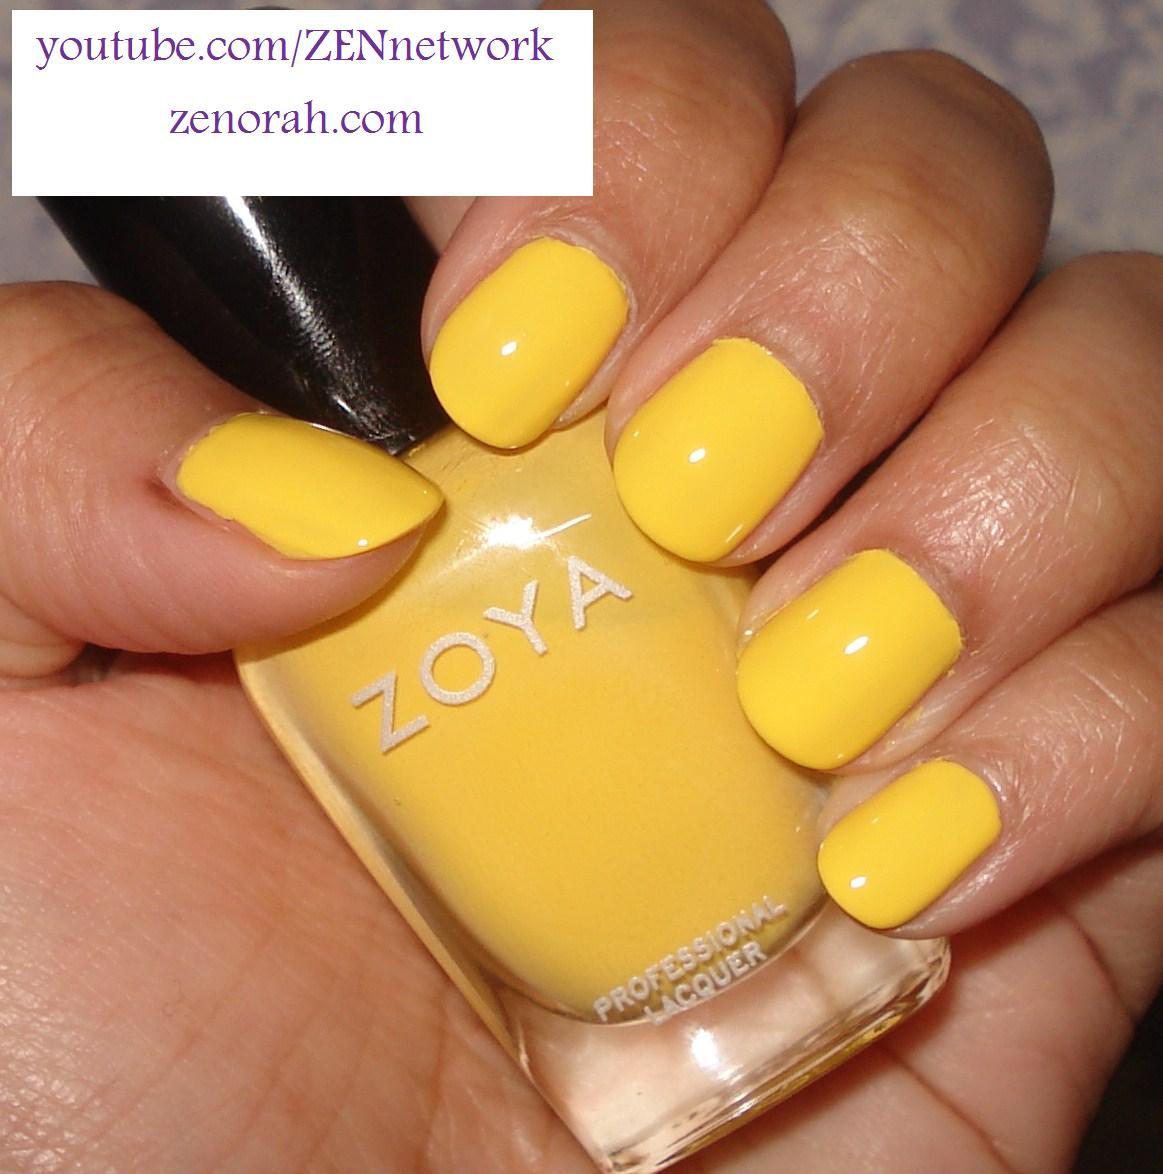 Yellow Nail Polish On: Zoya Yellow Nail Polish